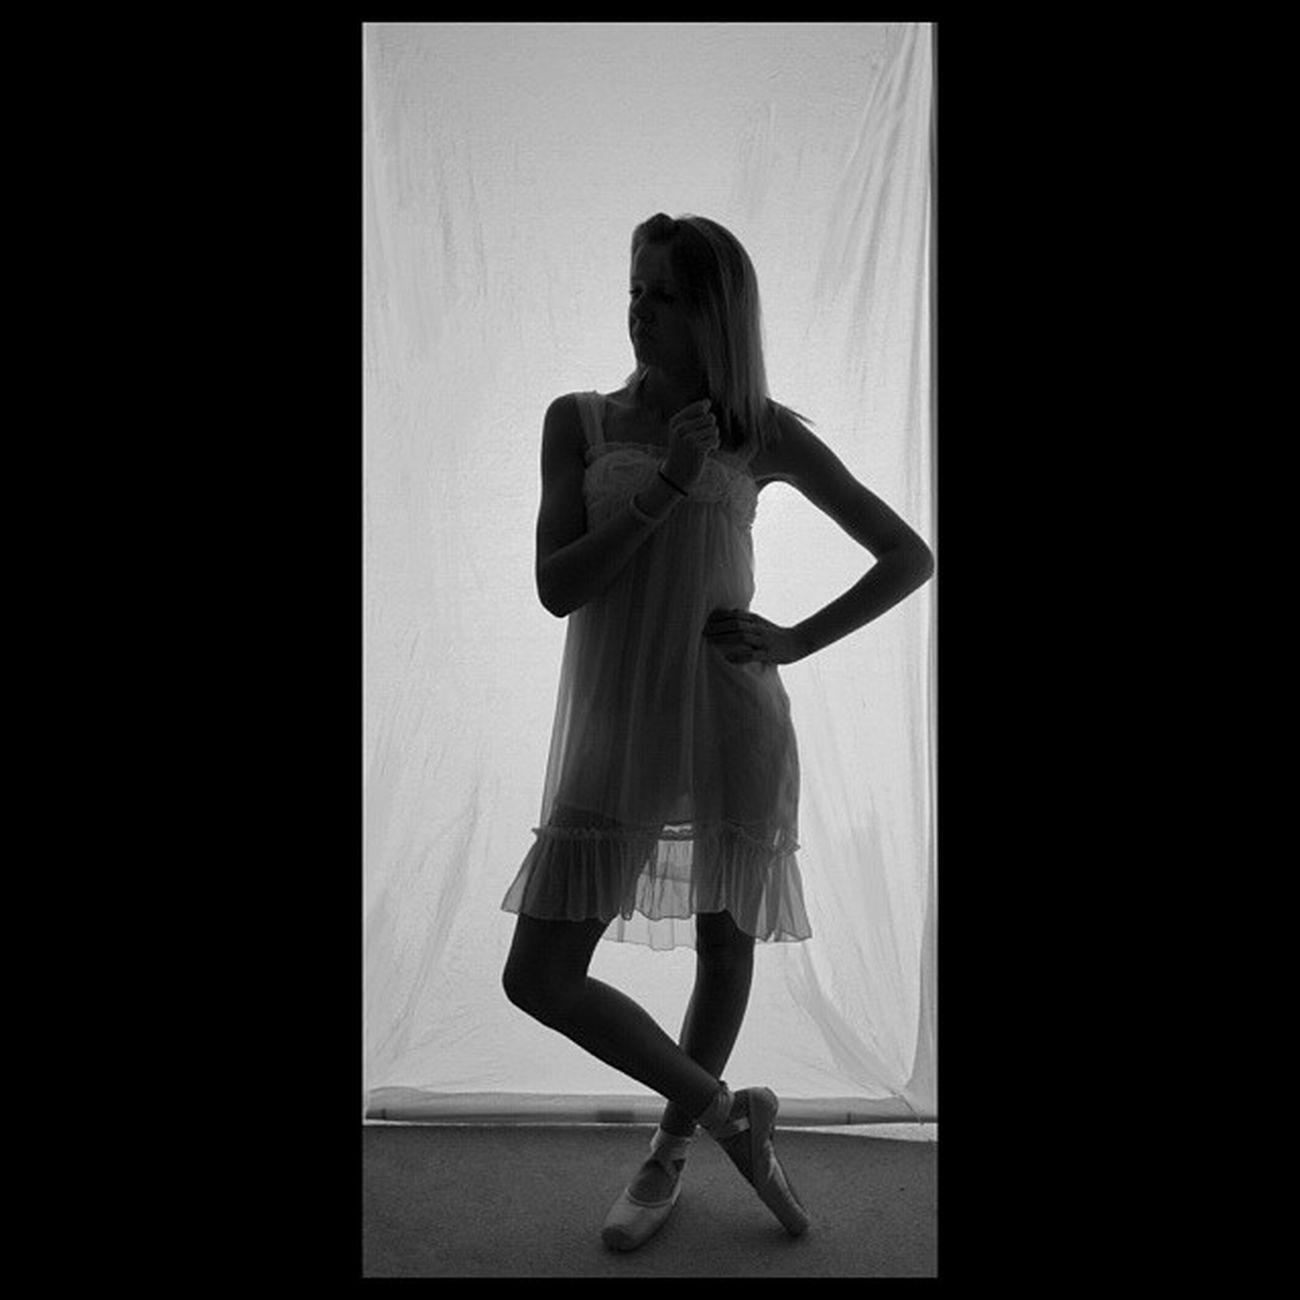 Wenn von den Menschen die du jahrelang geschätzt hast, keiner mehr Respekt hat, dann schiebst du dir zurecht Hass. Summercem Me Ballett Ballet Dancer Black And White